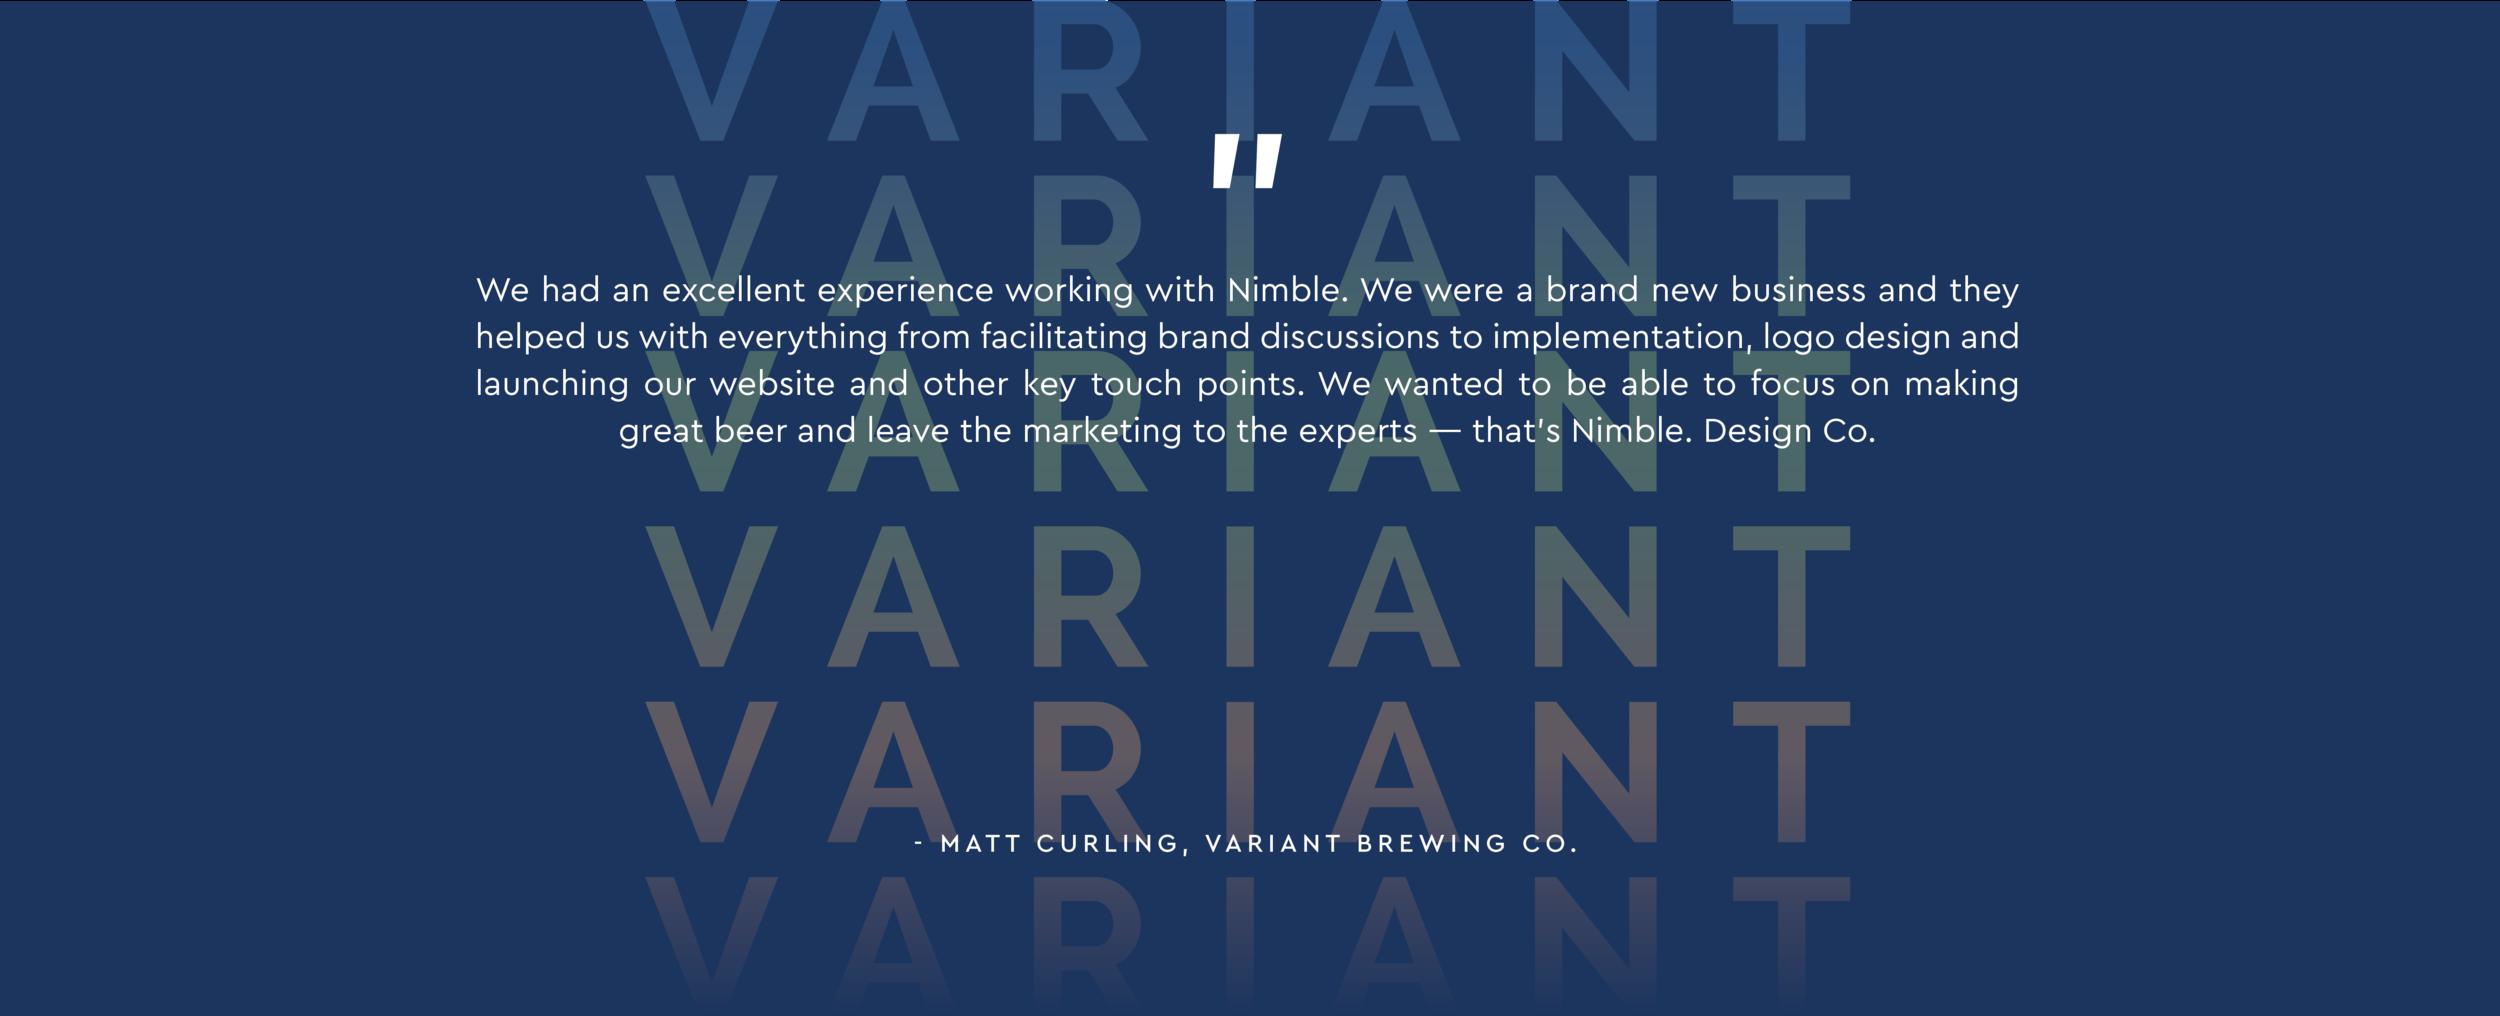 VariantBrewing_Testimonial